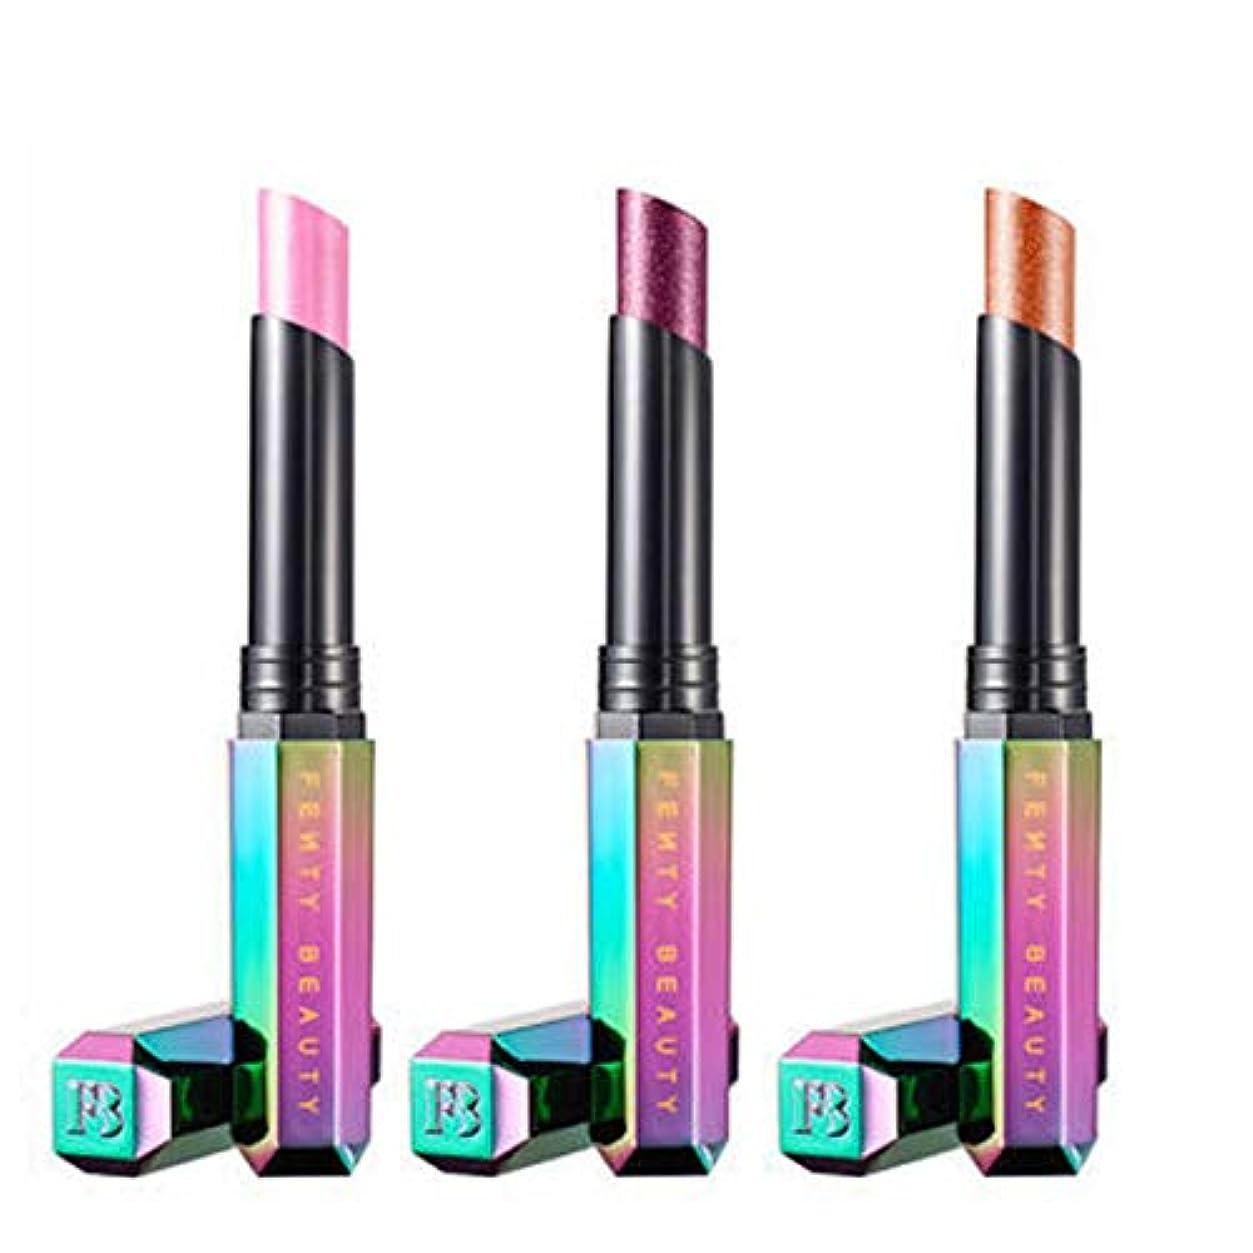 ダメージシェーバースノーケルFENTY BEAUTY BY RIHANNA 限定版 STARLIT LIP TRIO STARLIT Hyper-Glitz Lipstick 3/Set [海外直送品] [並行輸入品]